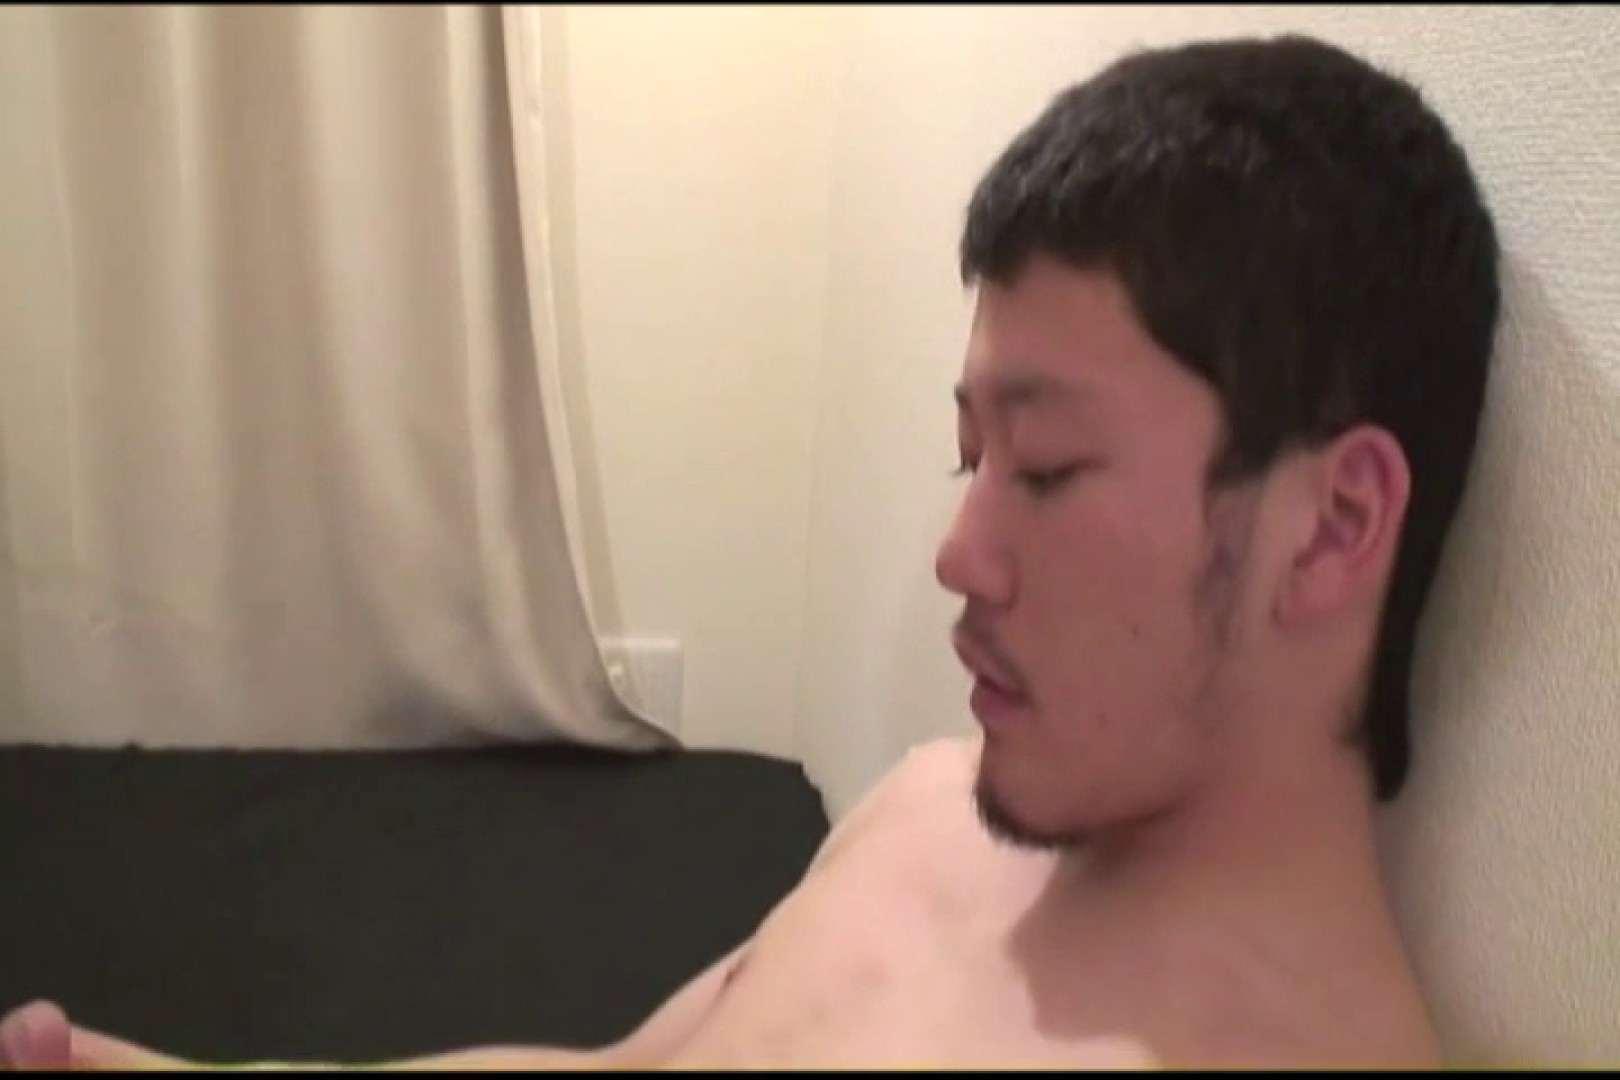 バスケットメンGプレイ! 裸 ゲイザーメン画像 113枚 15